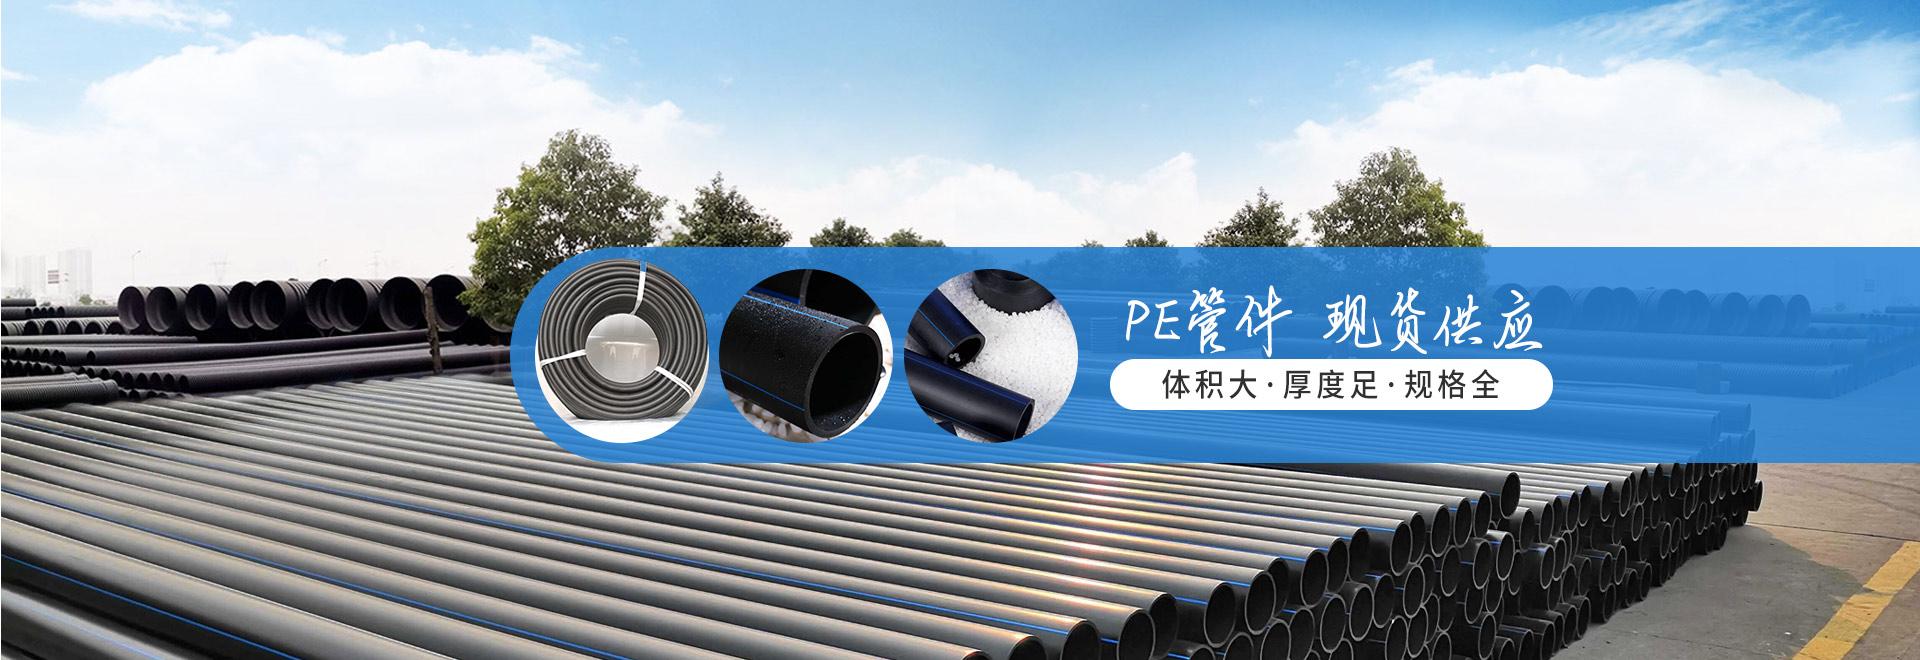 PE管件 现货供应